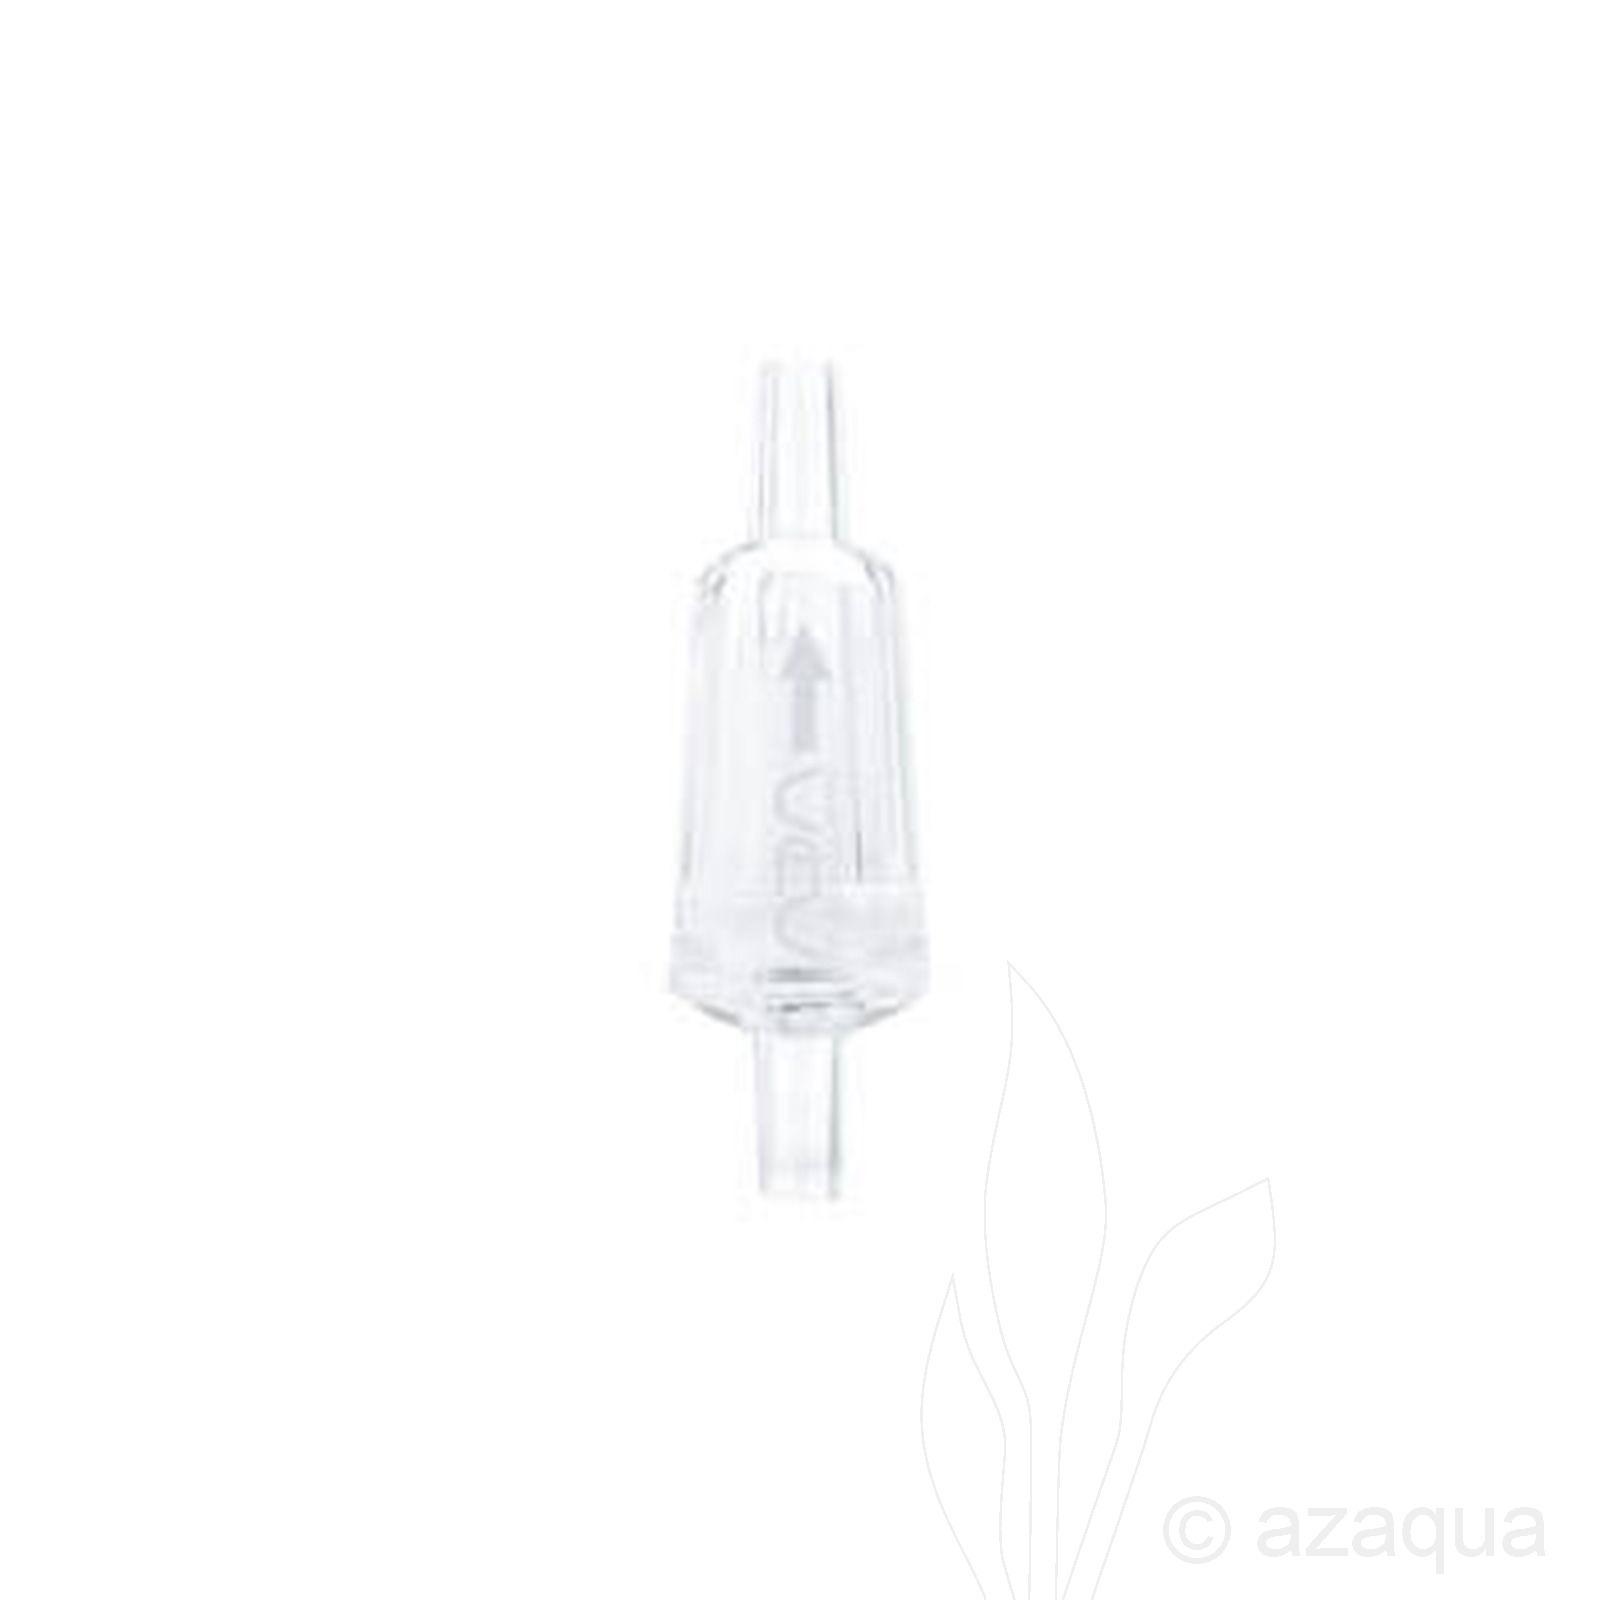 CO2 check valve